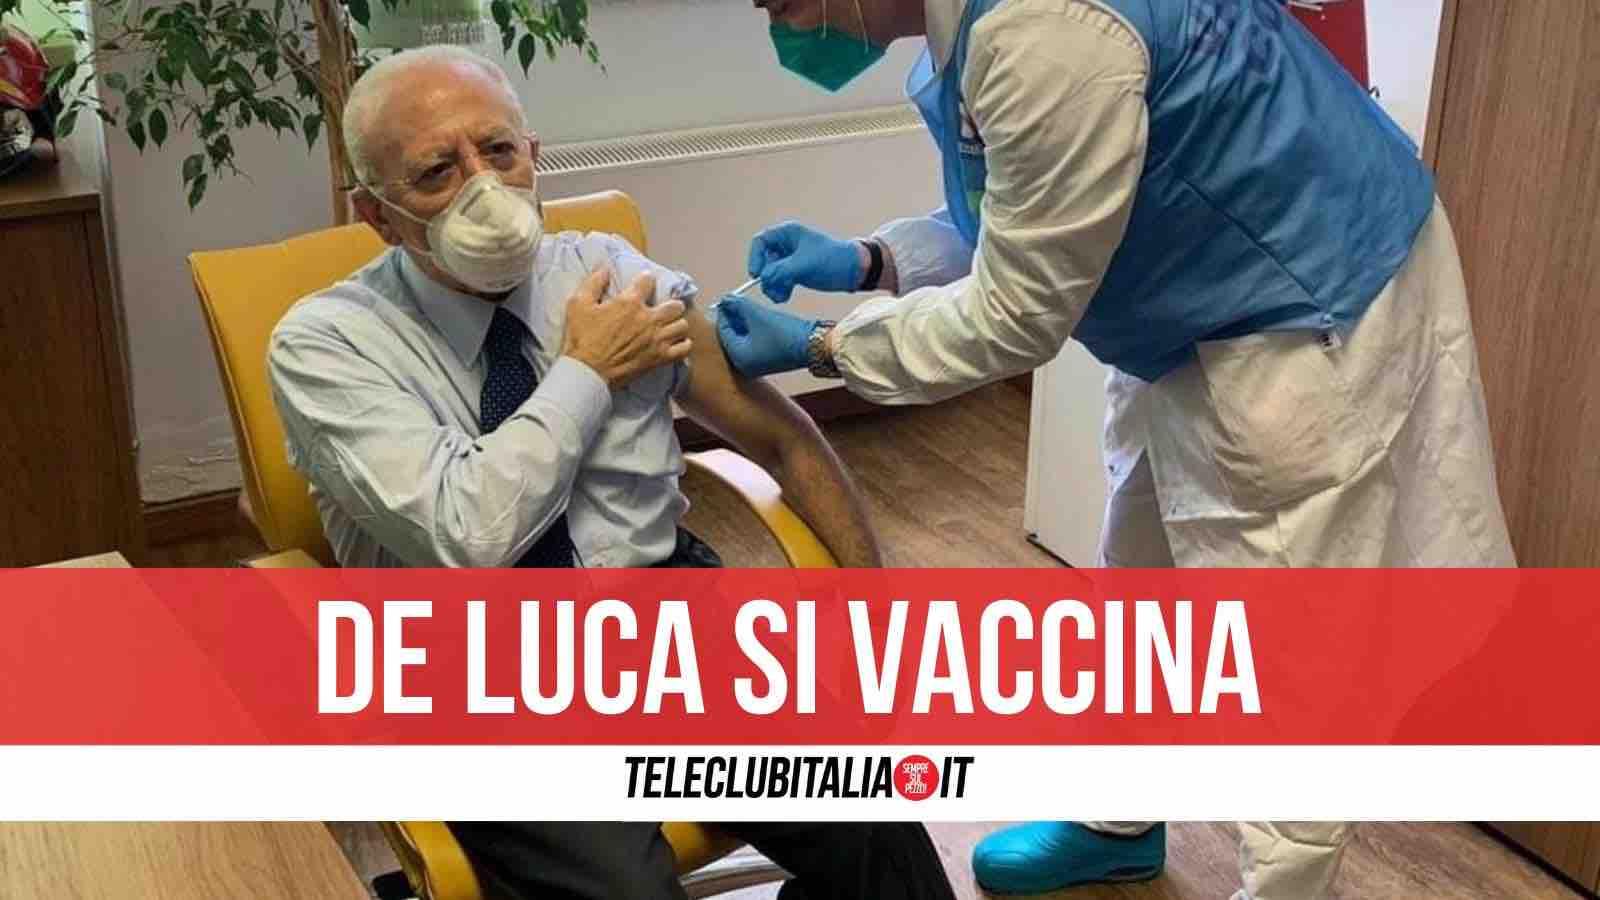 de luca vaccino